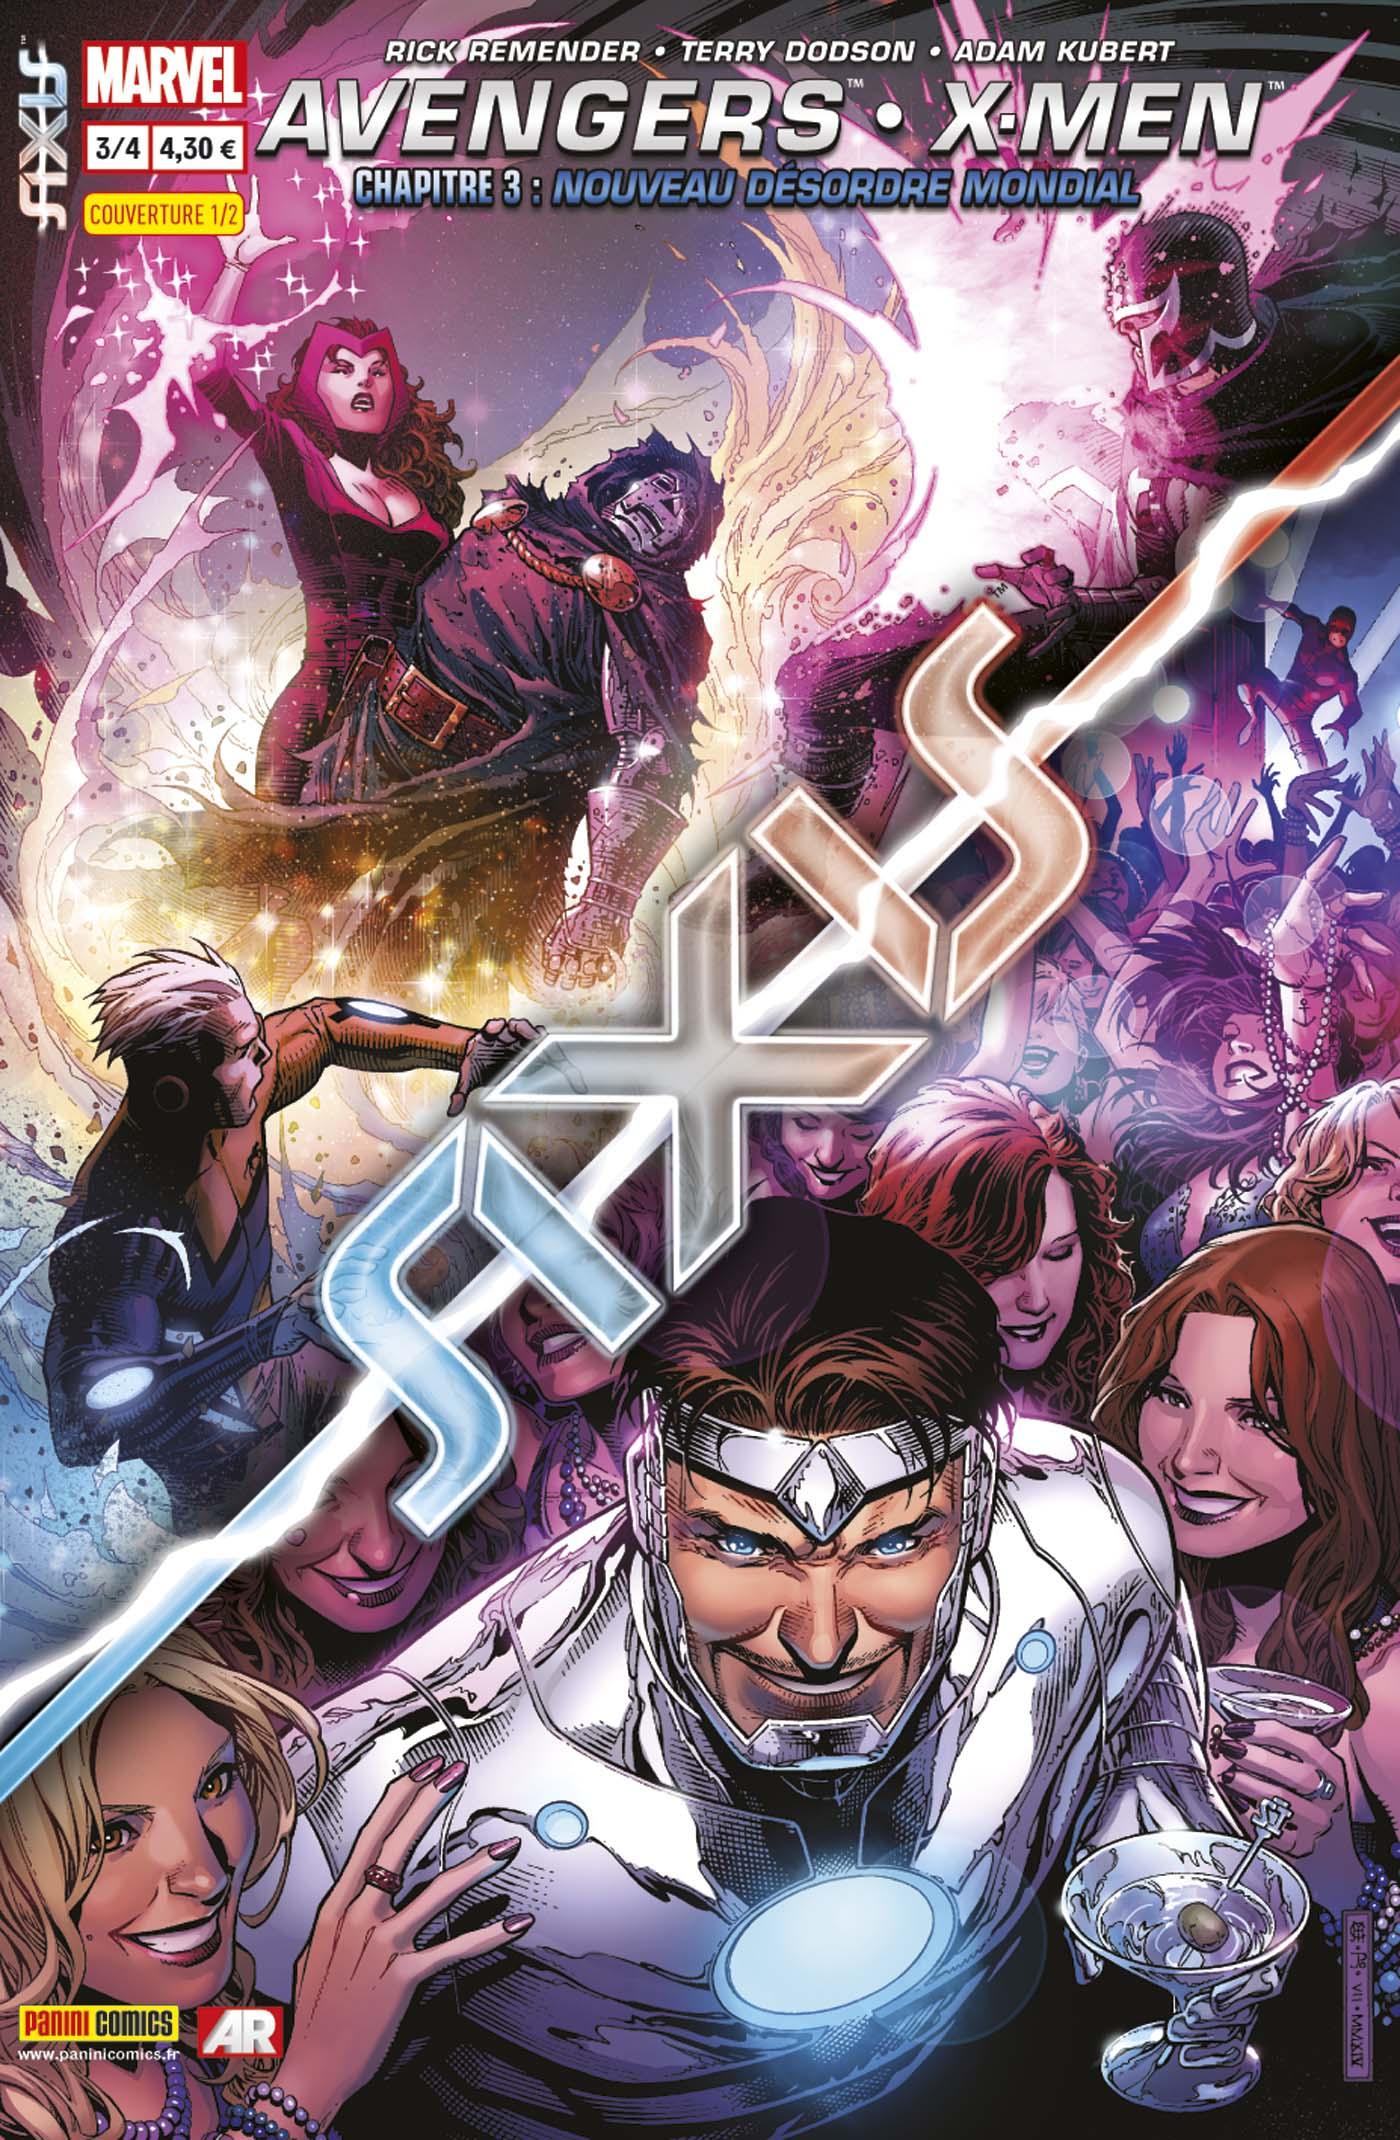 AVENGERS & X-MEN : AXIS 3 (sur 4, couv 1/2)